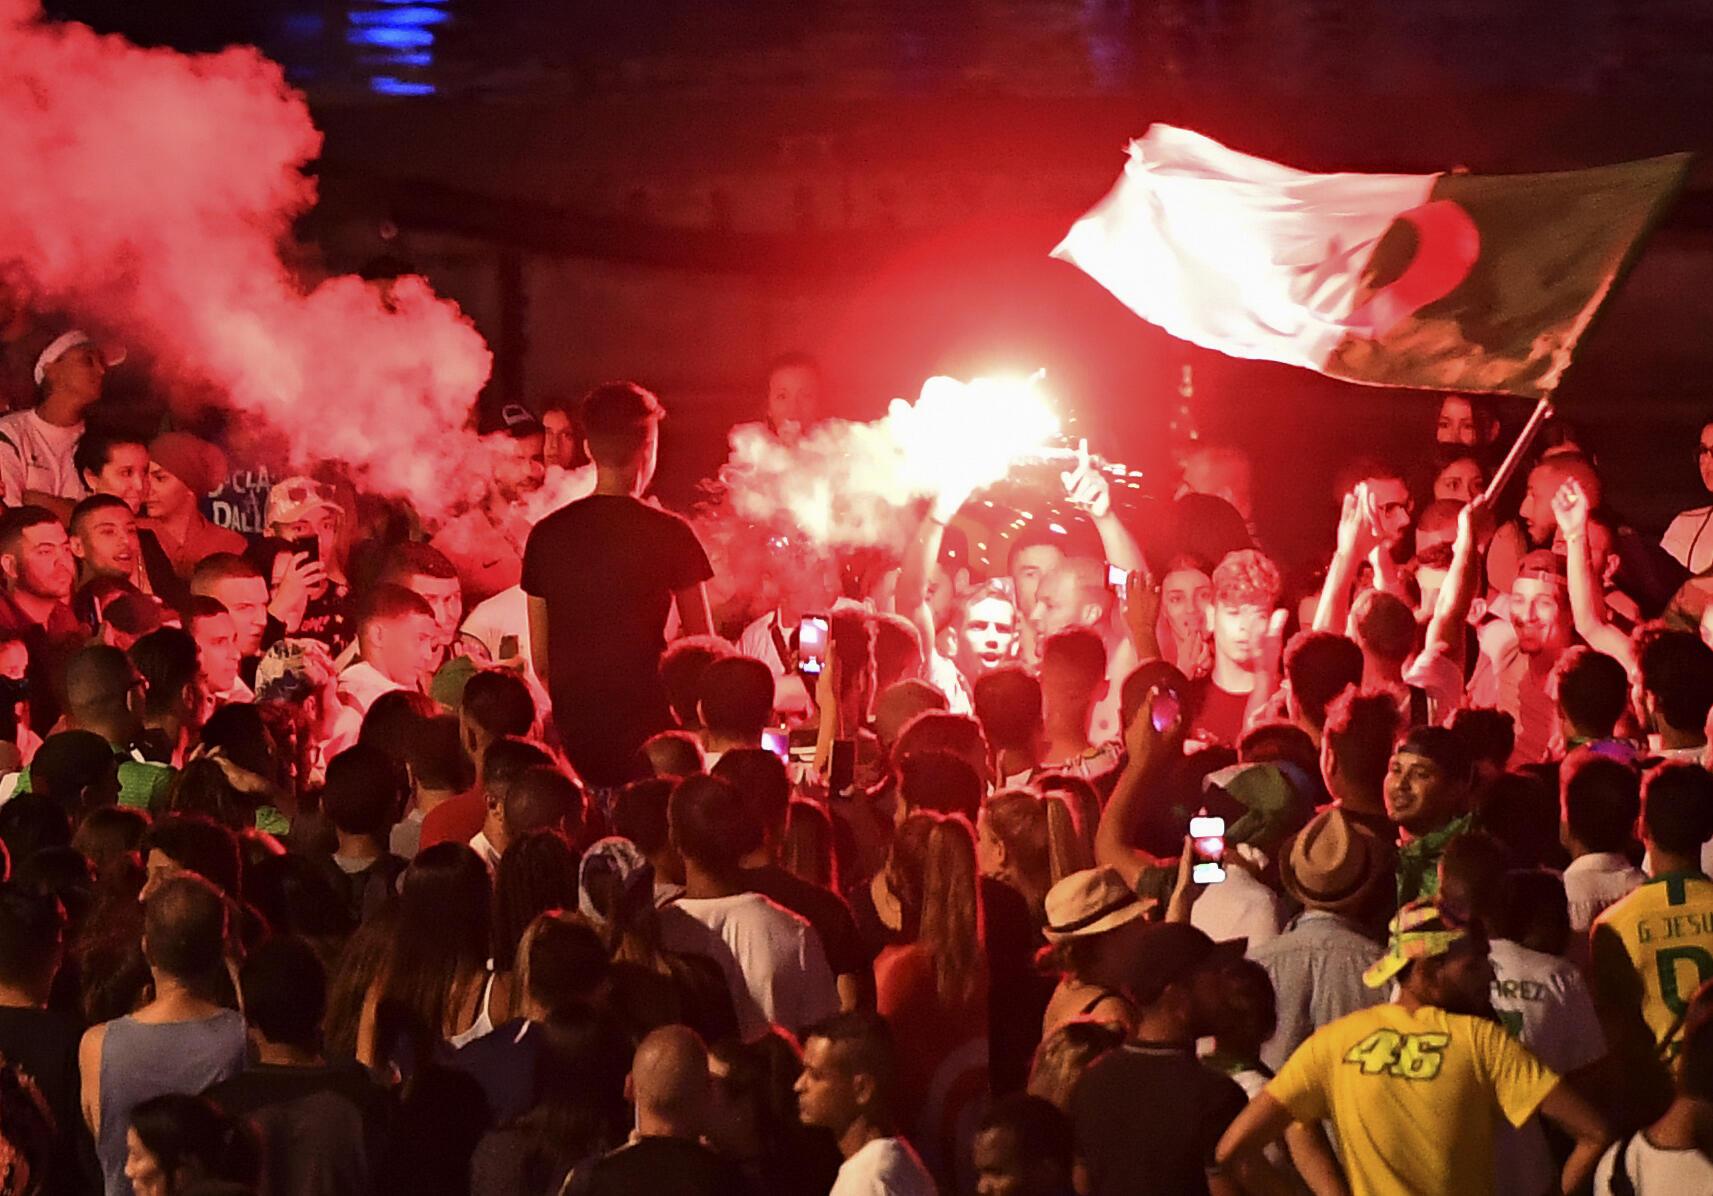 Des scènes de liesse ont éclaté au Vieux-Port à Marseille où des supporters algériens ont célébré la victoire de leur pays.